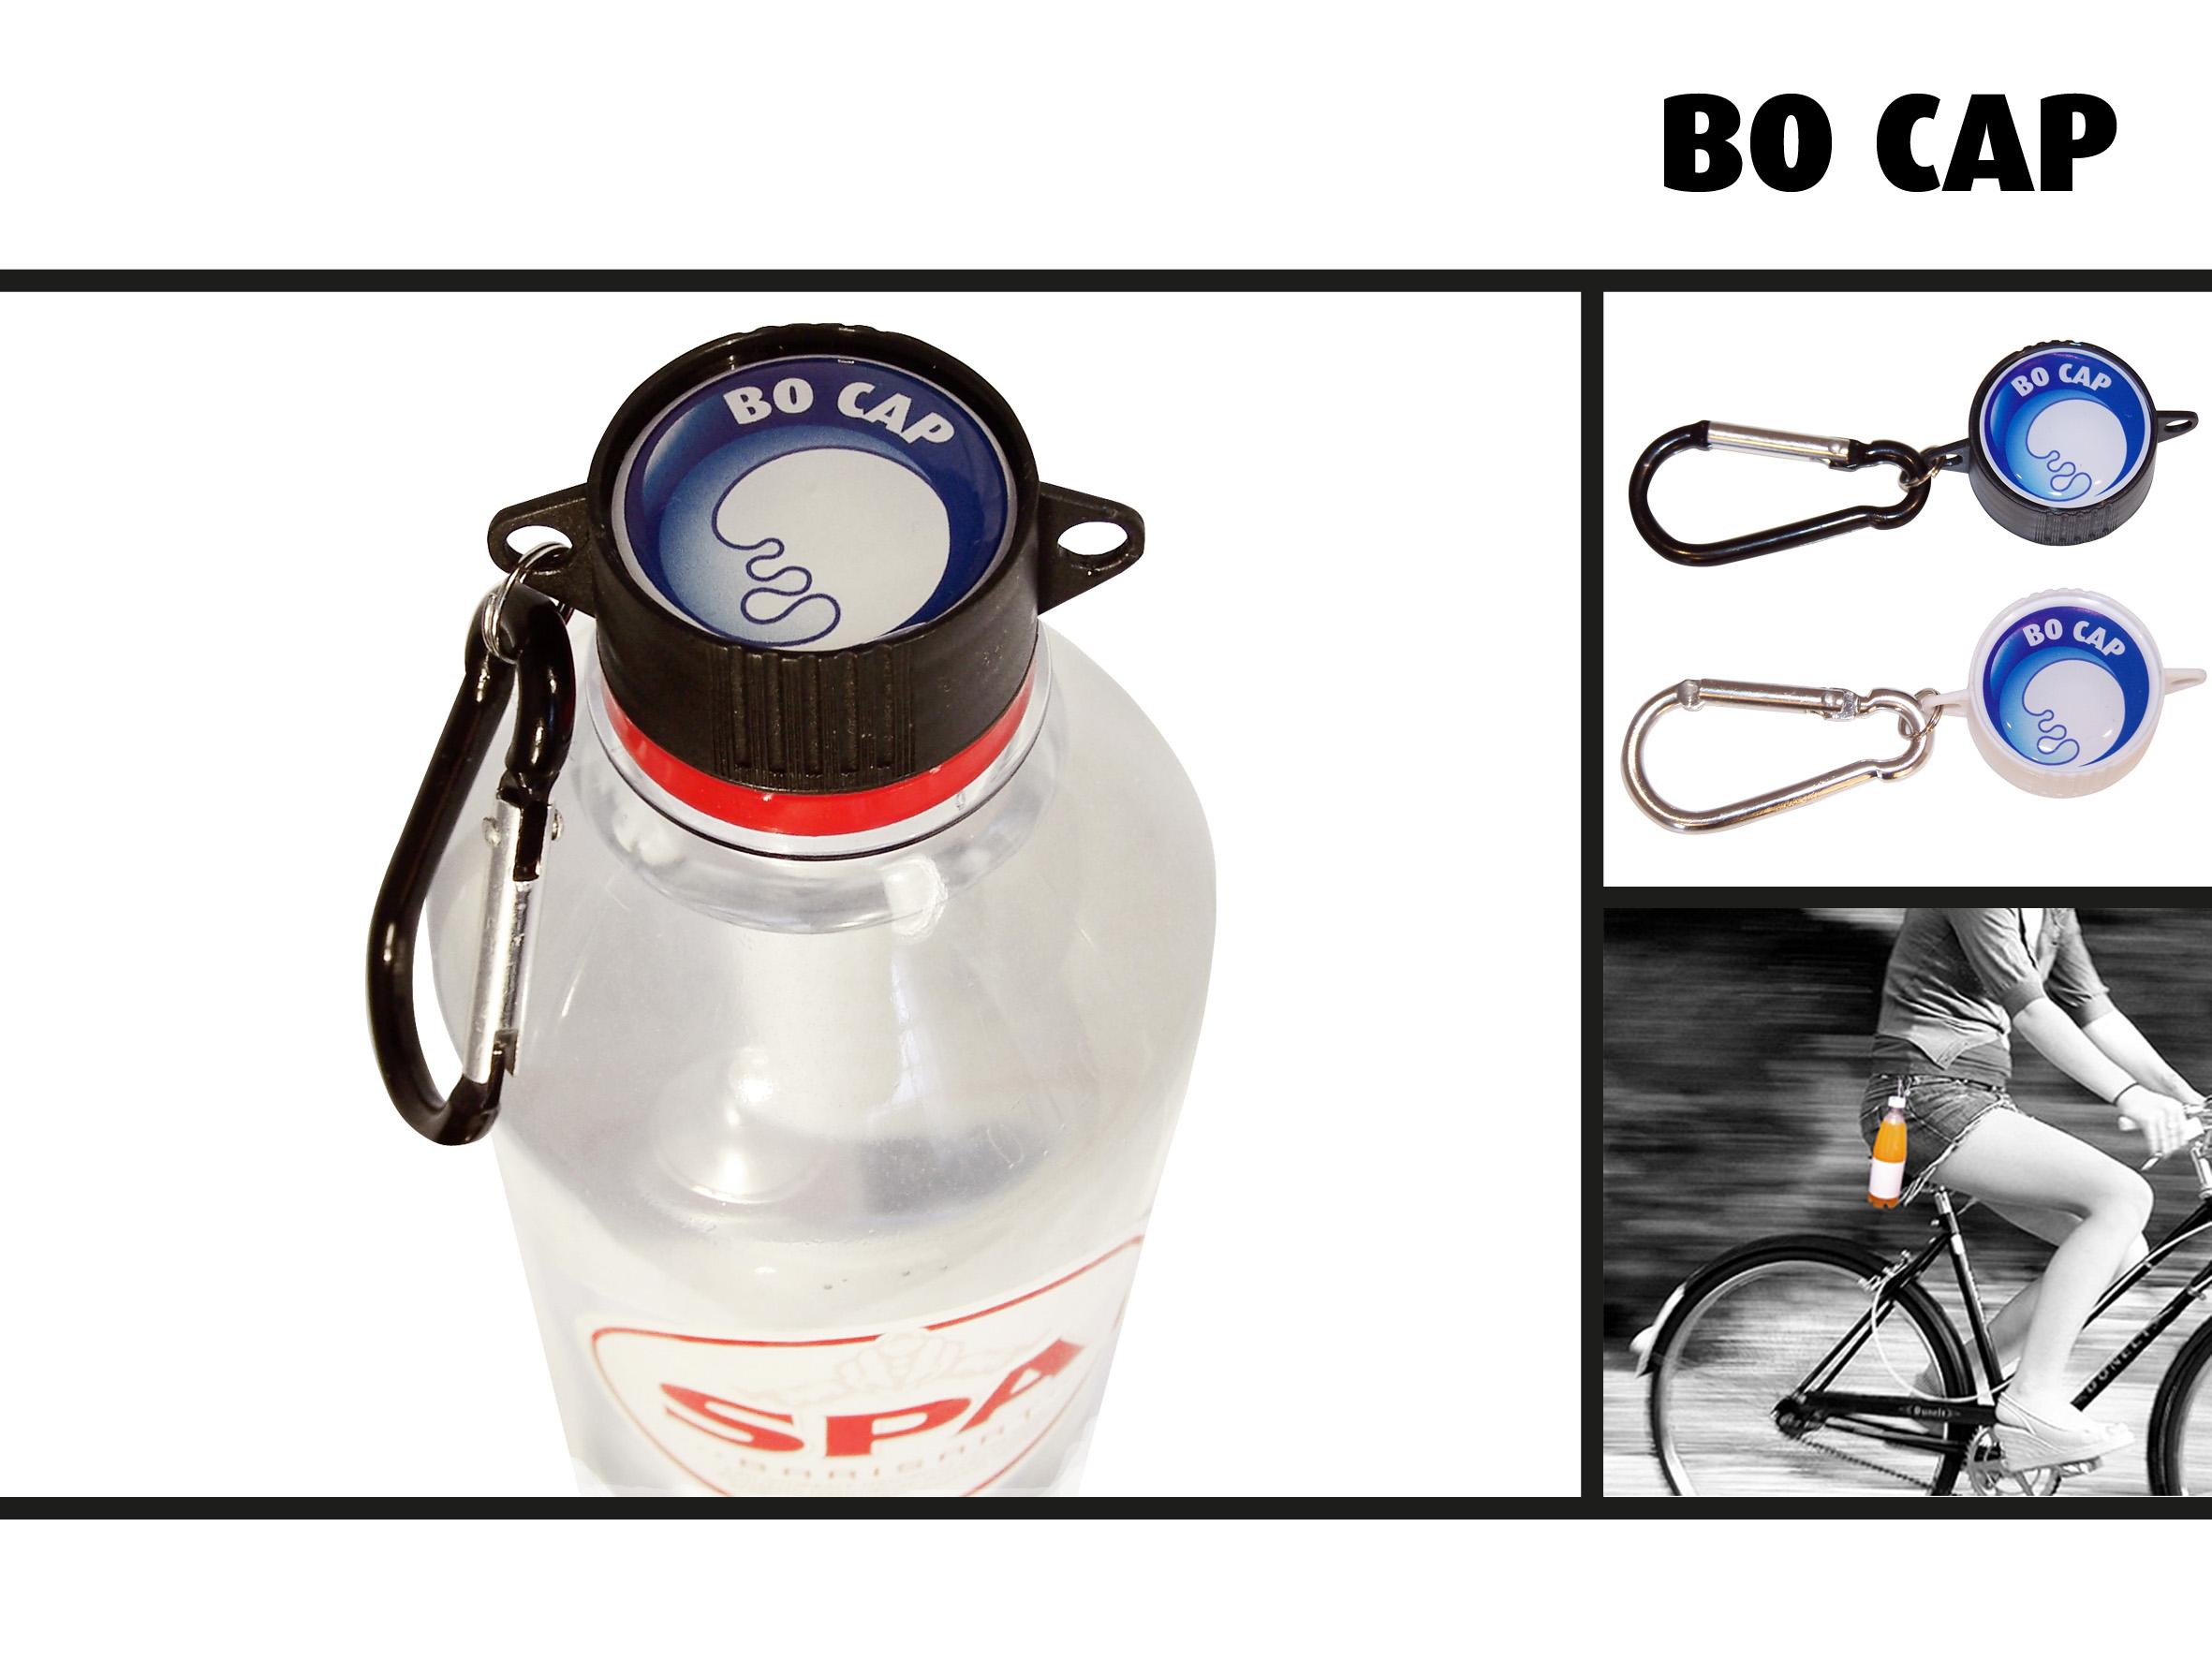 BO CAP